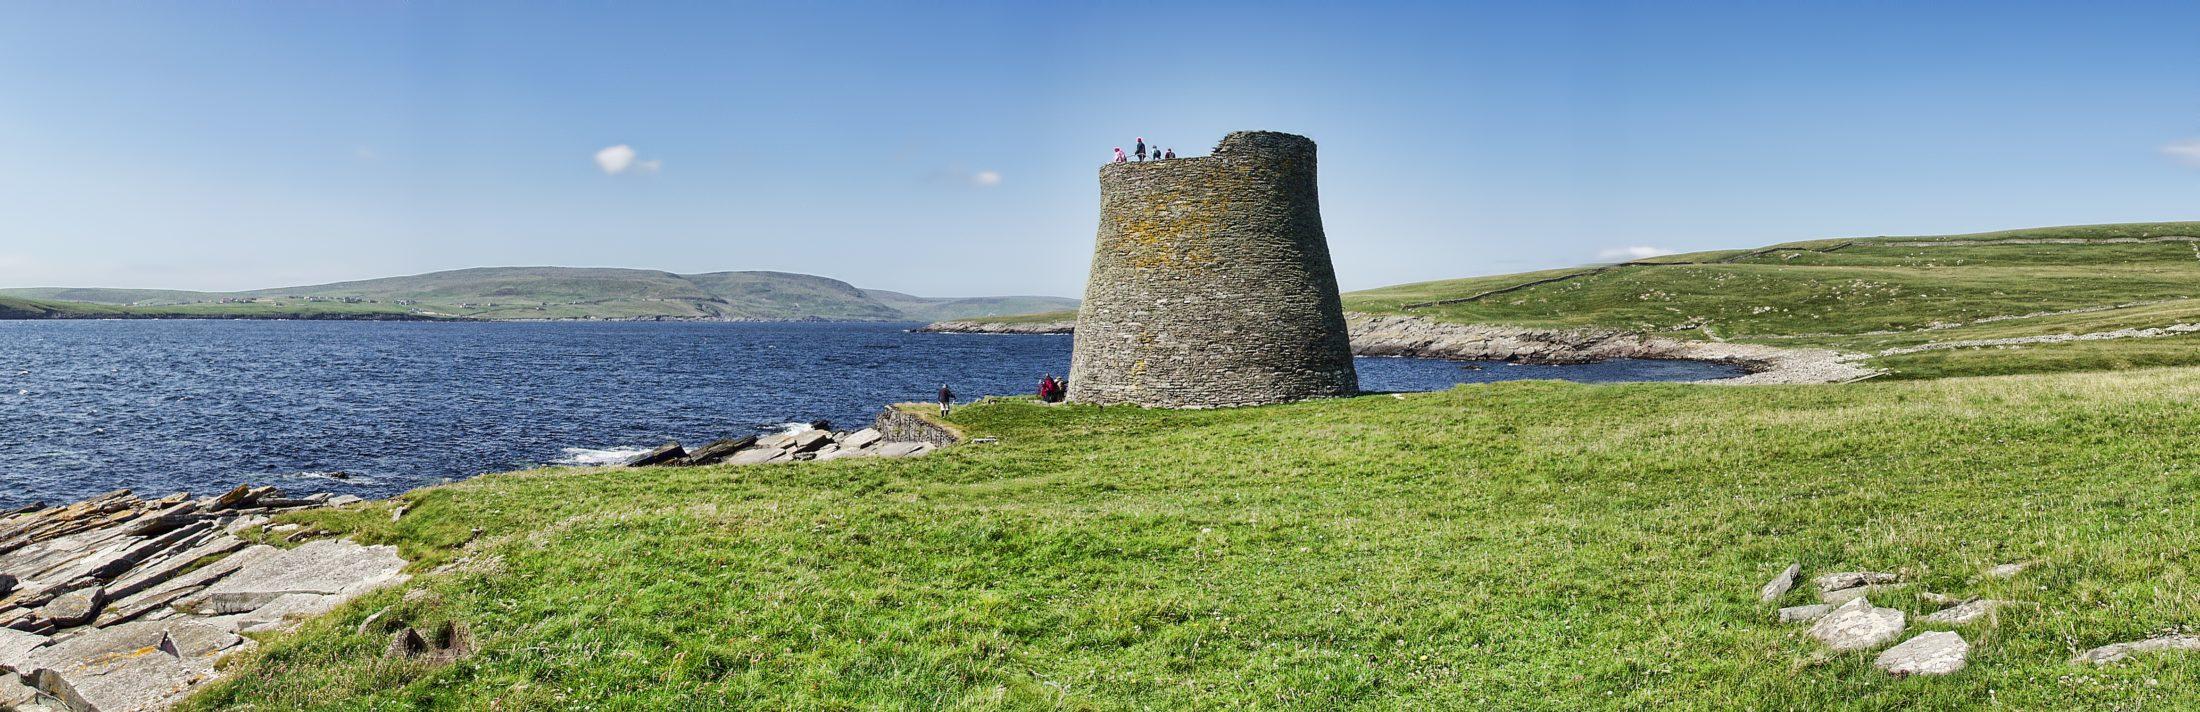 shetland-isles-2388498